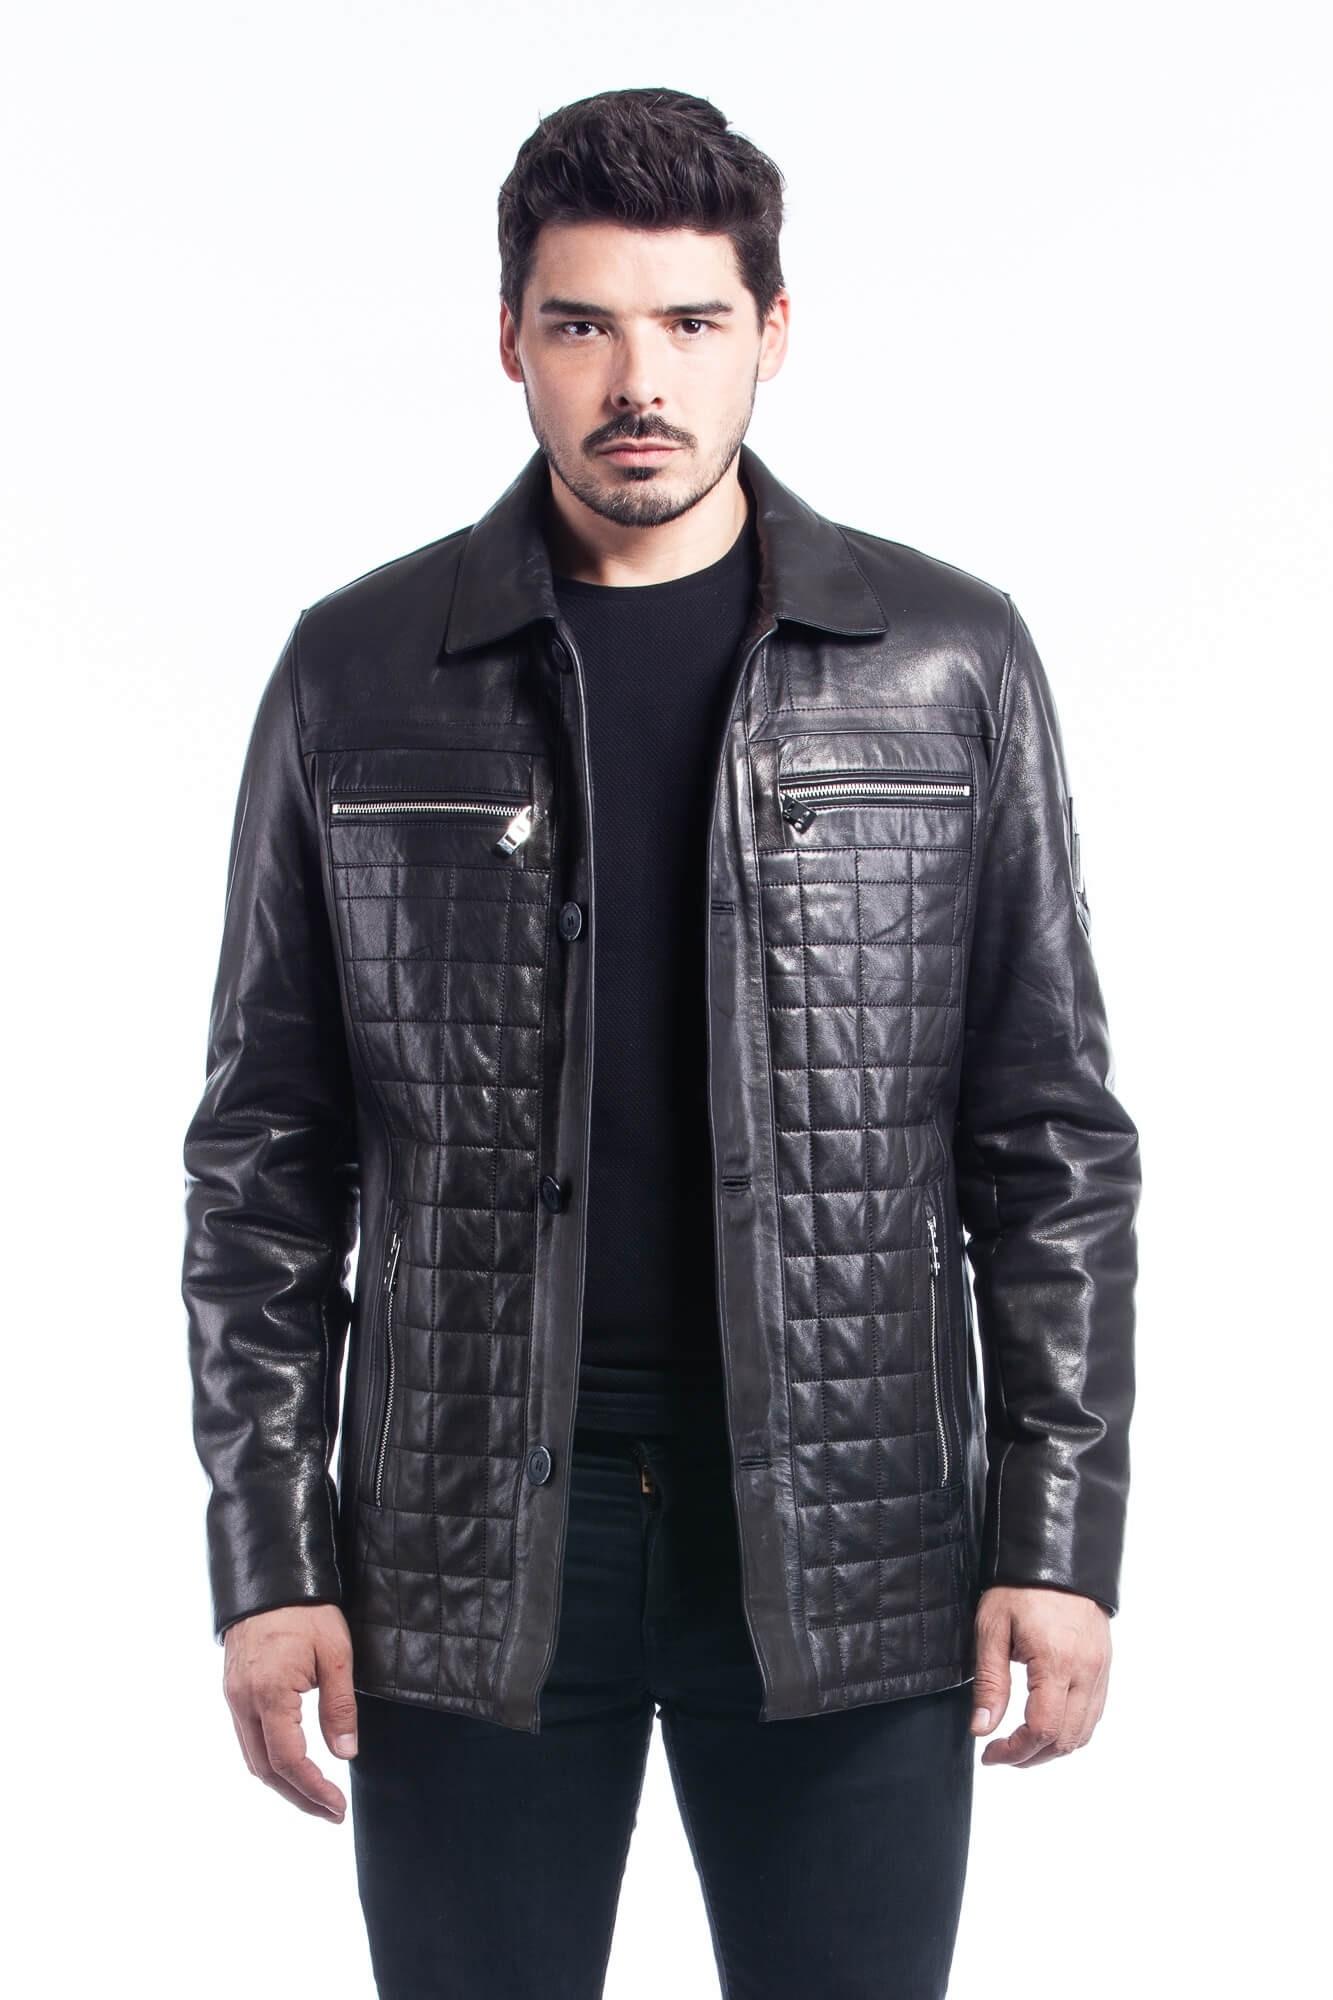 Jacket For Men - Leather